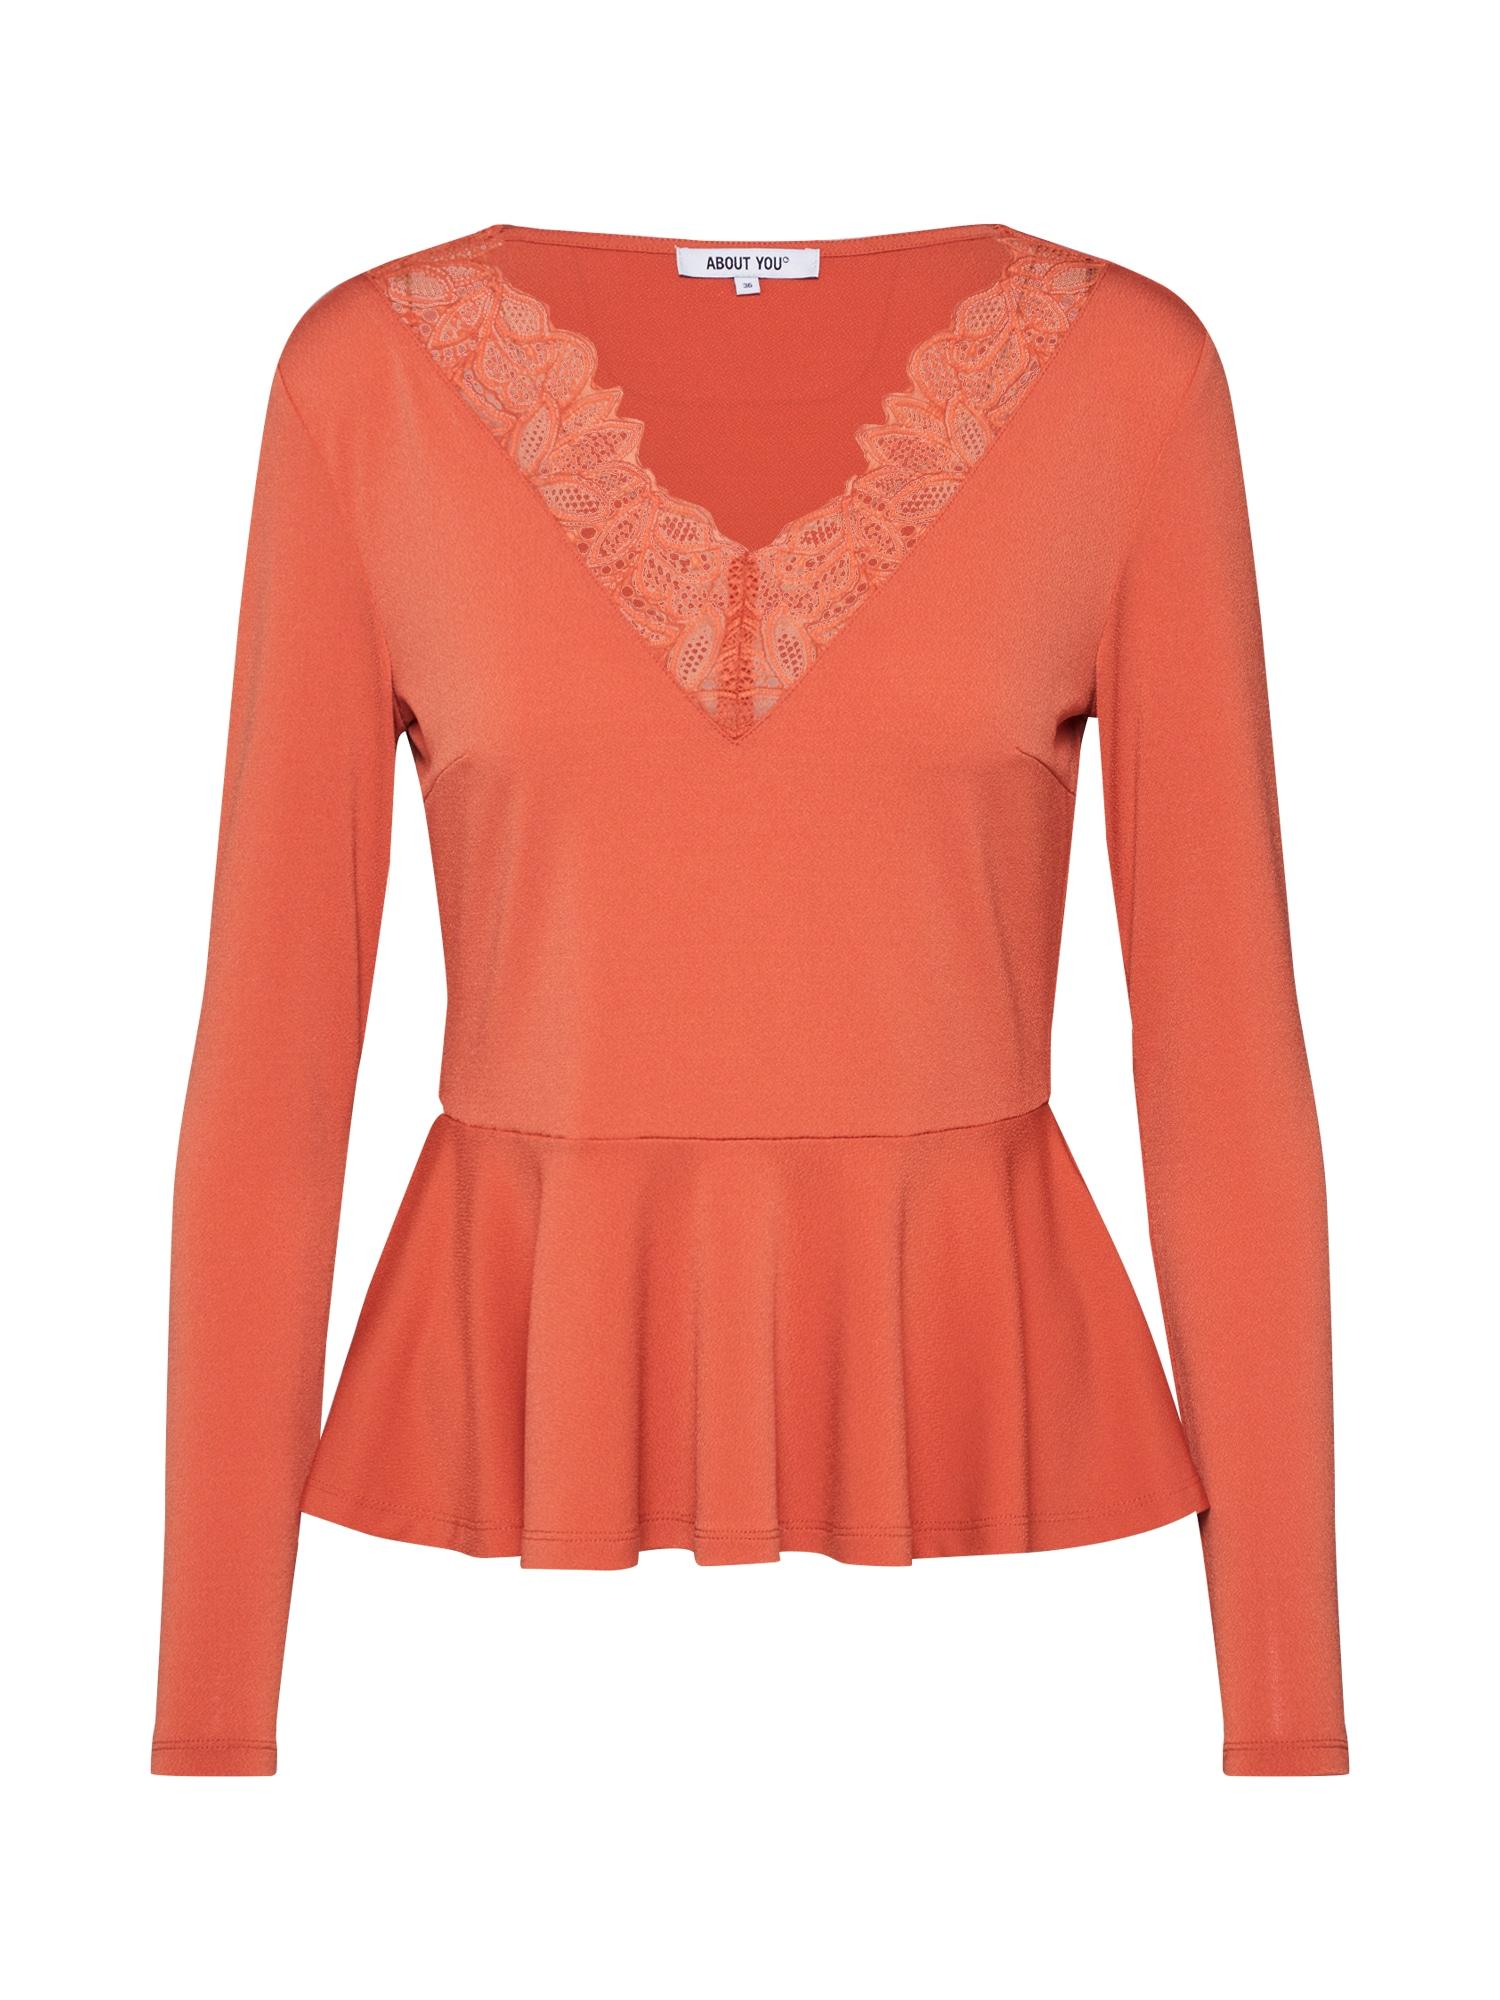 ABOUT YOU Marškinėliai 'Janine' koralų splava